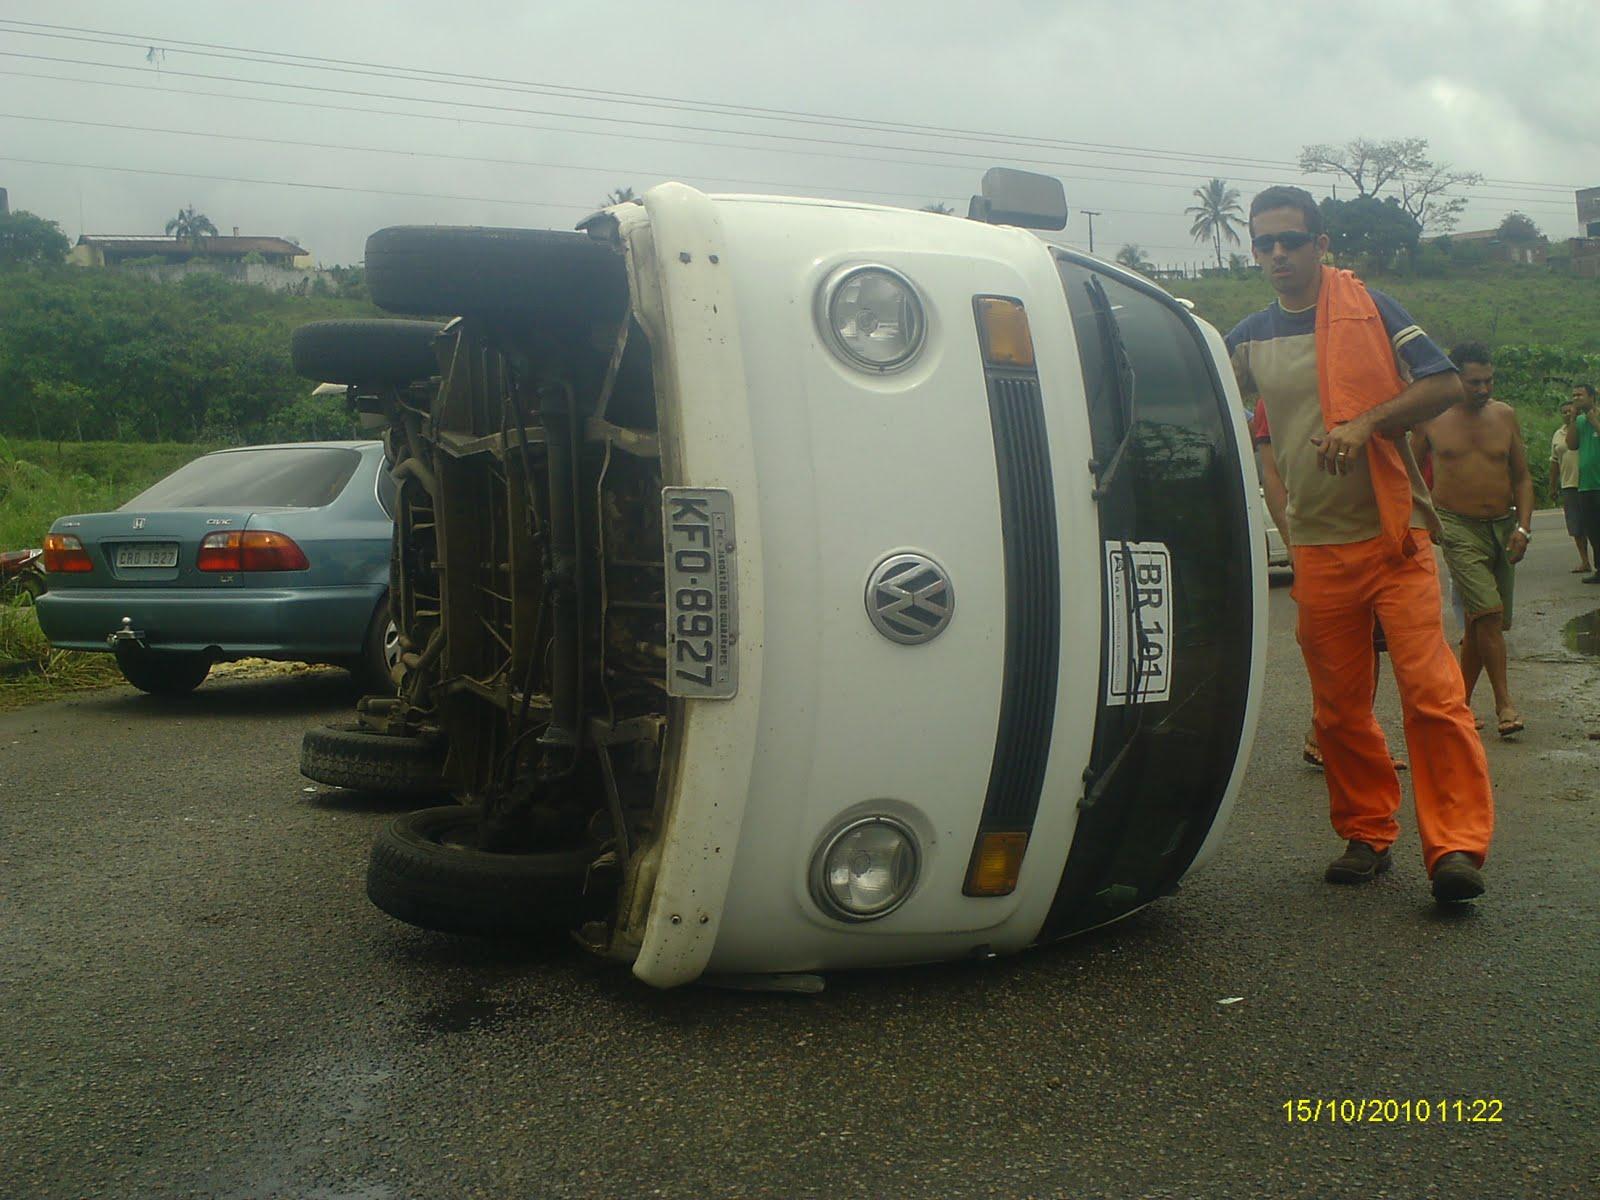 http://4.bp.blogspot.com/_RGdFG-Im9k0/TLh5zyMyIdI/AAAAAAAAbcQ/9kTDyIcX2Bo/s1600/wesley+acidente+viaduto+021.jpg